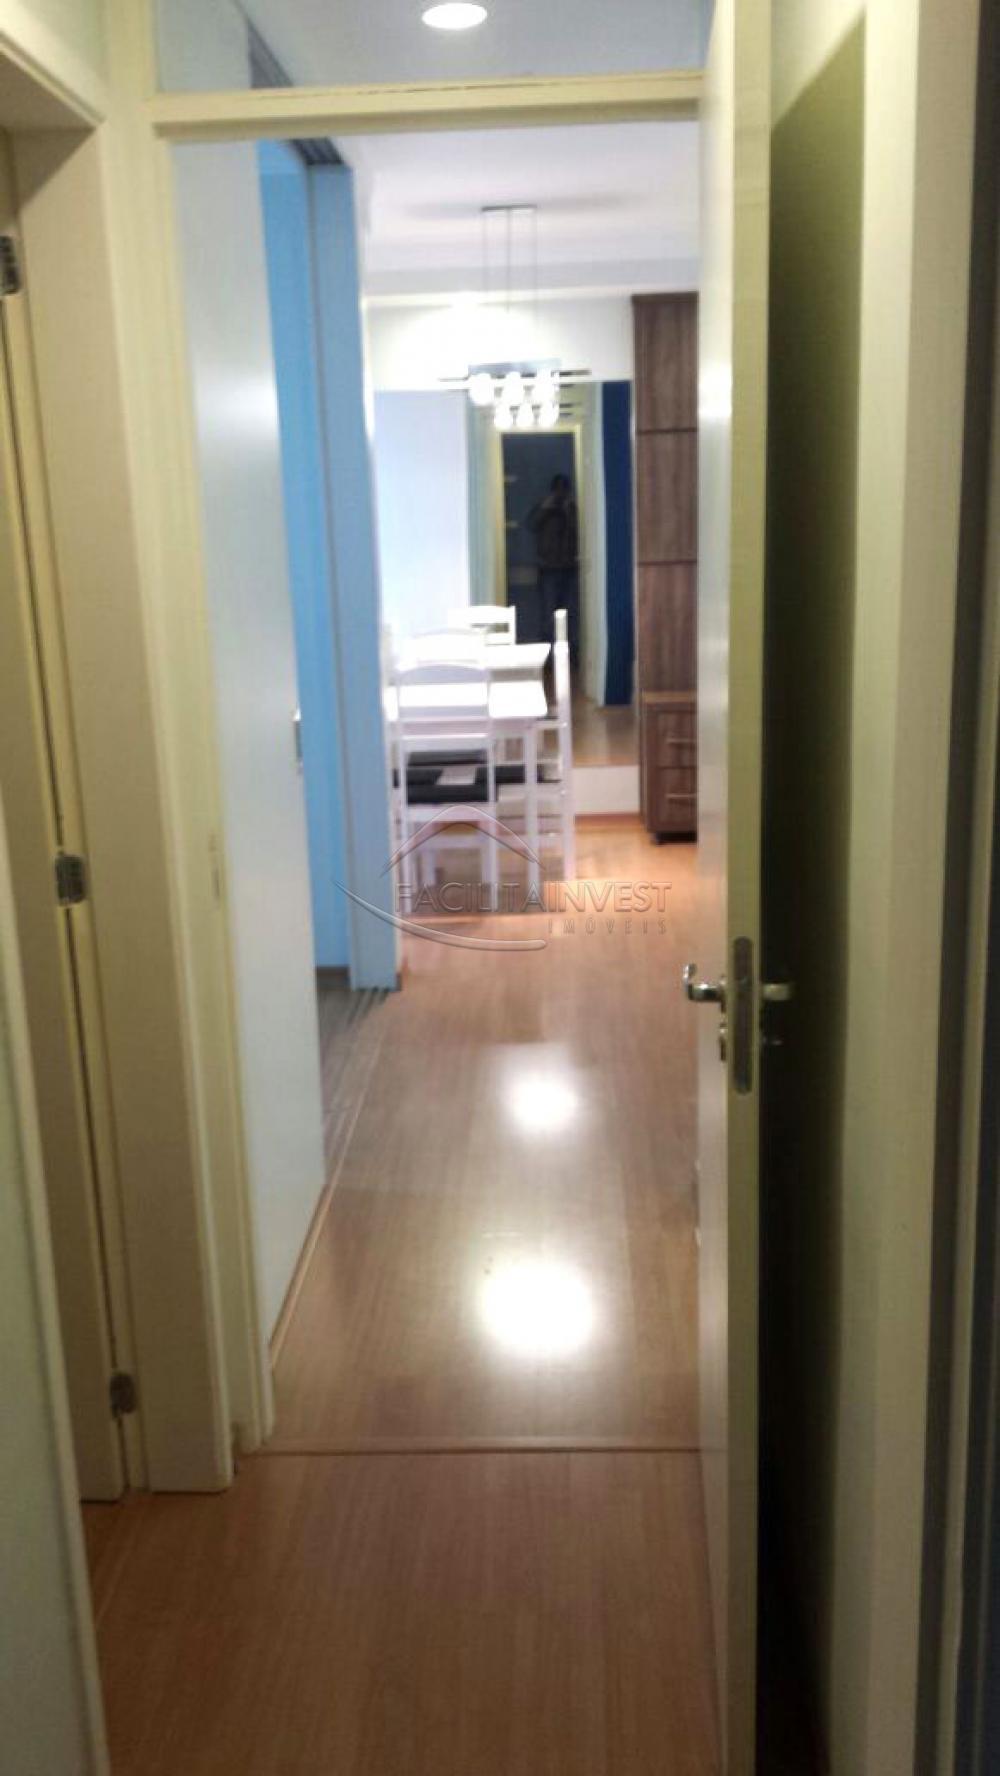 Comprar Apartamentos / Apartamento Mobiliado em Ribeirão Preto apenas R$ 315.000,00 - Foto 5